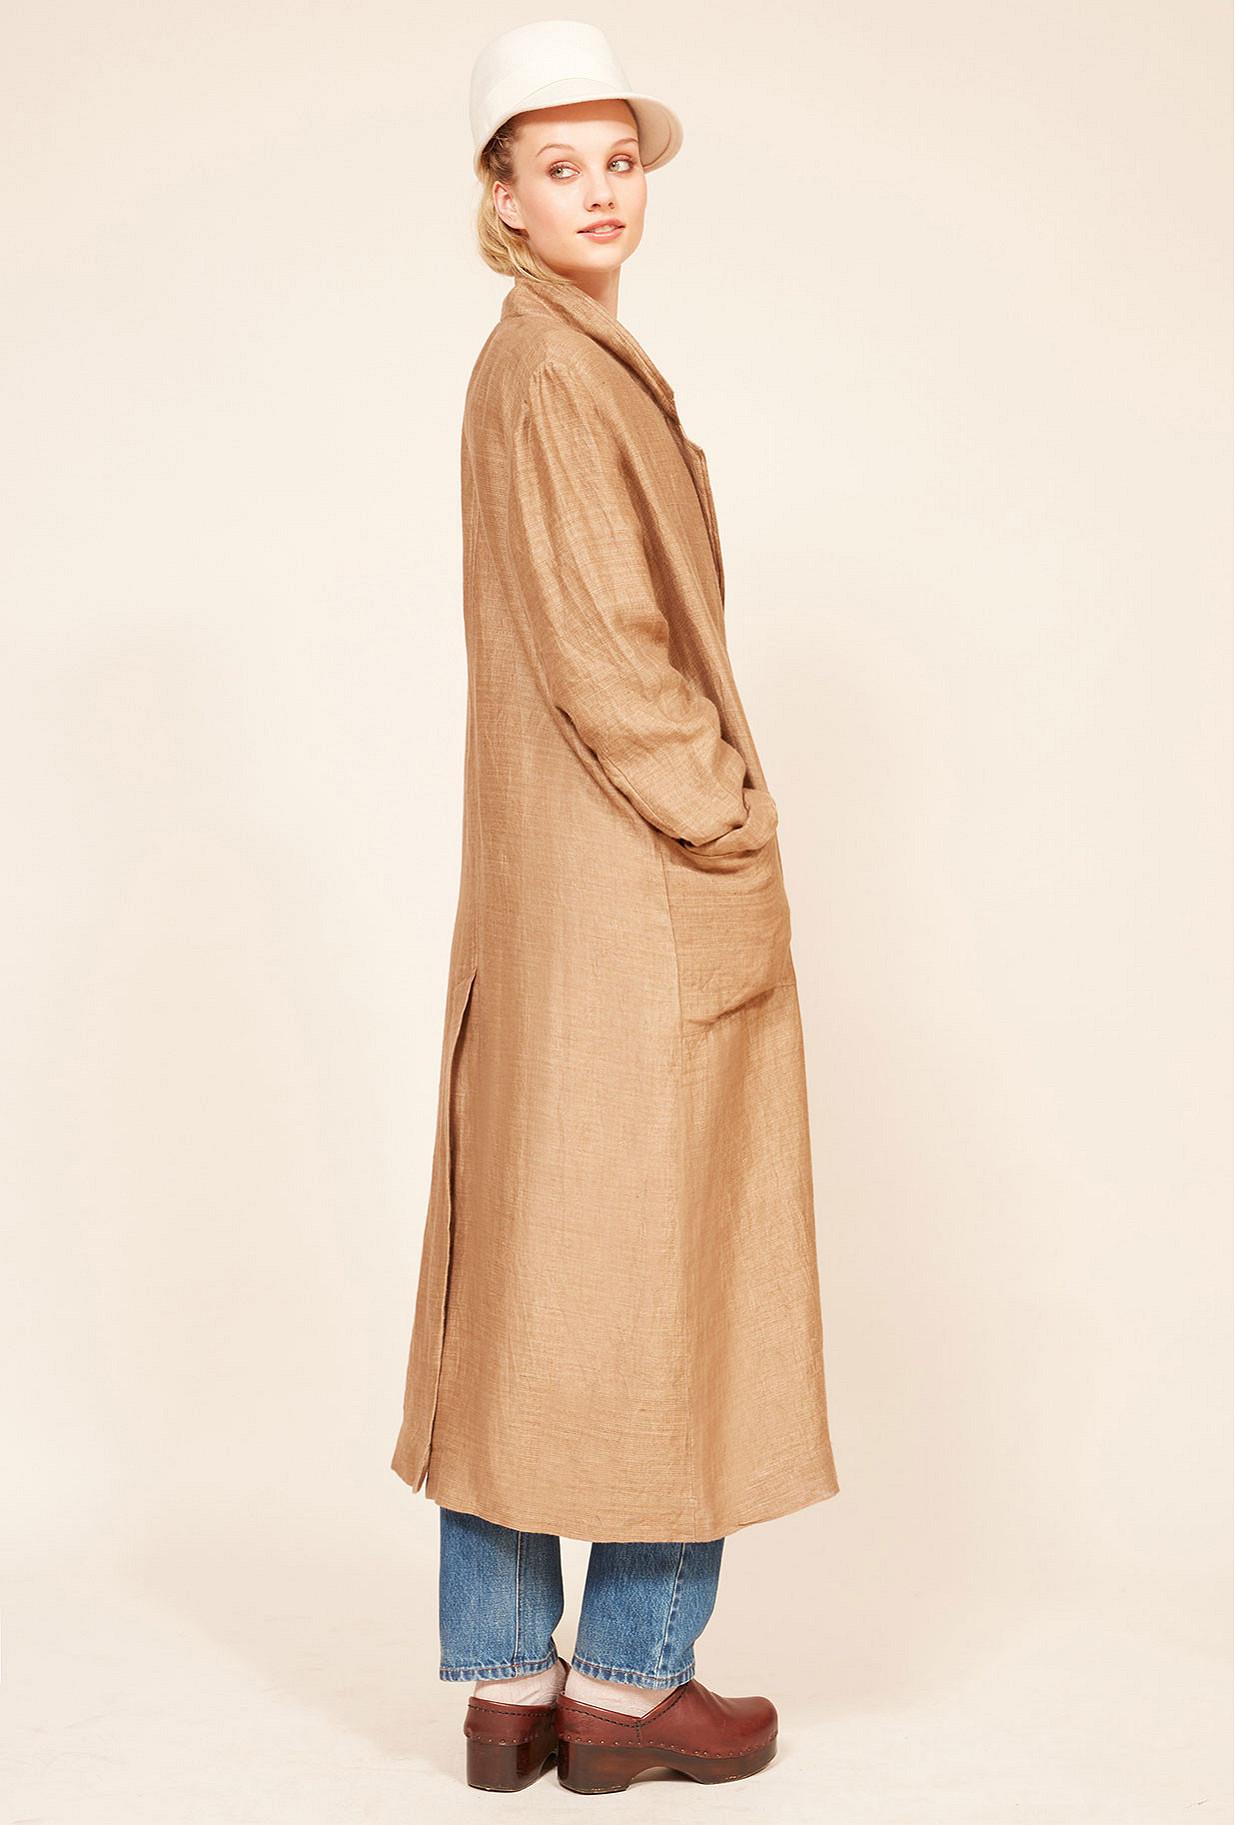 Paris boutique de mode vêtement Manteau créateur bohème  Sahara